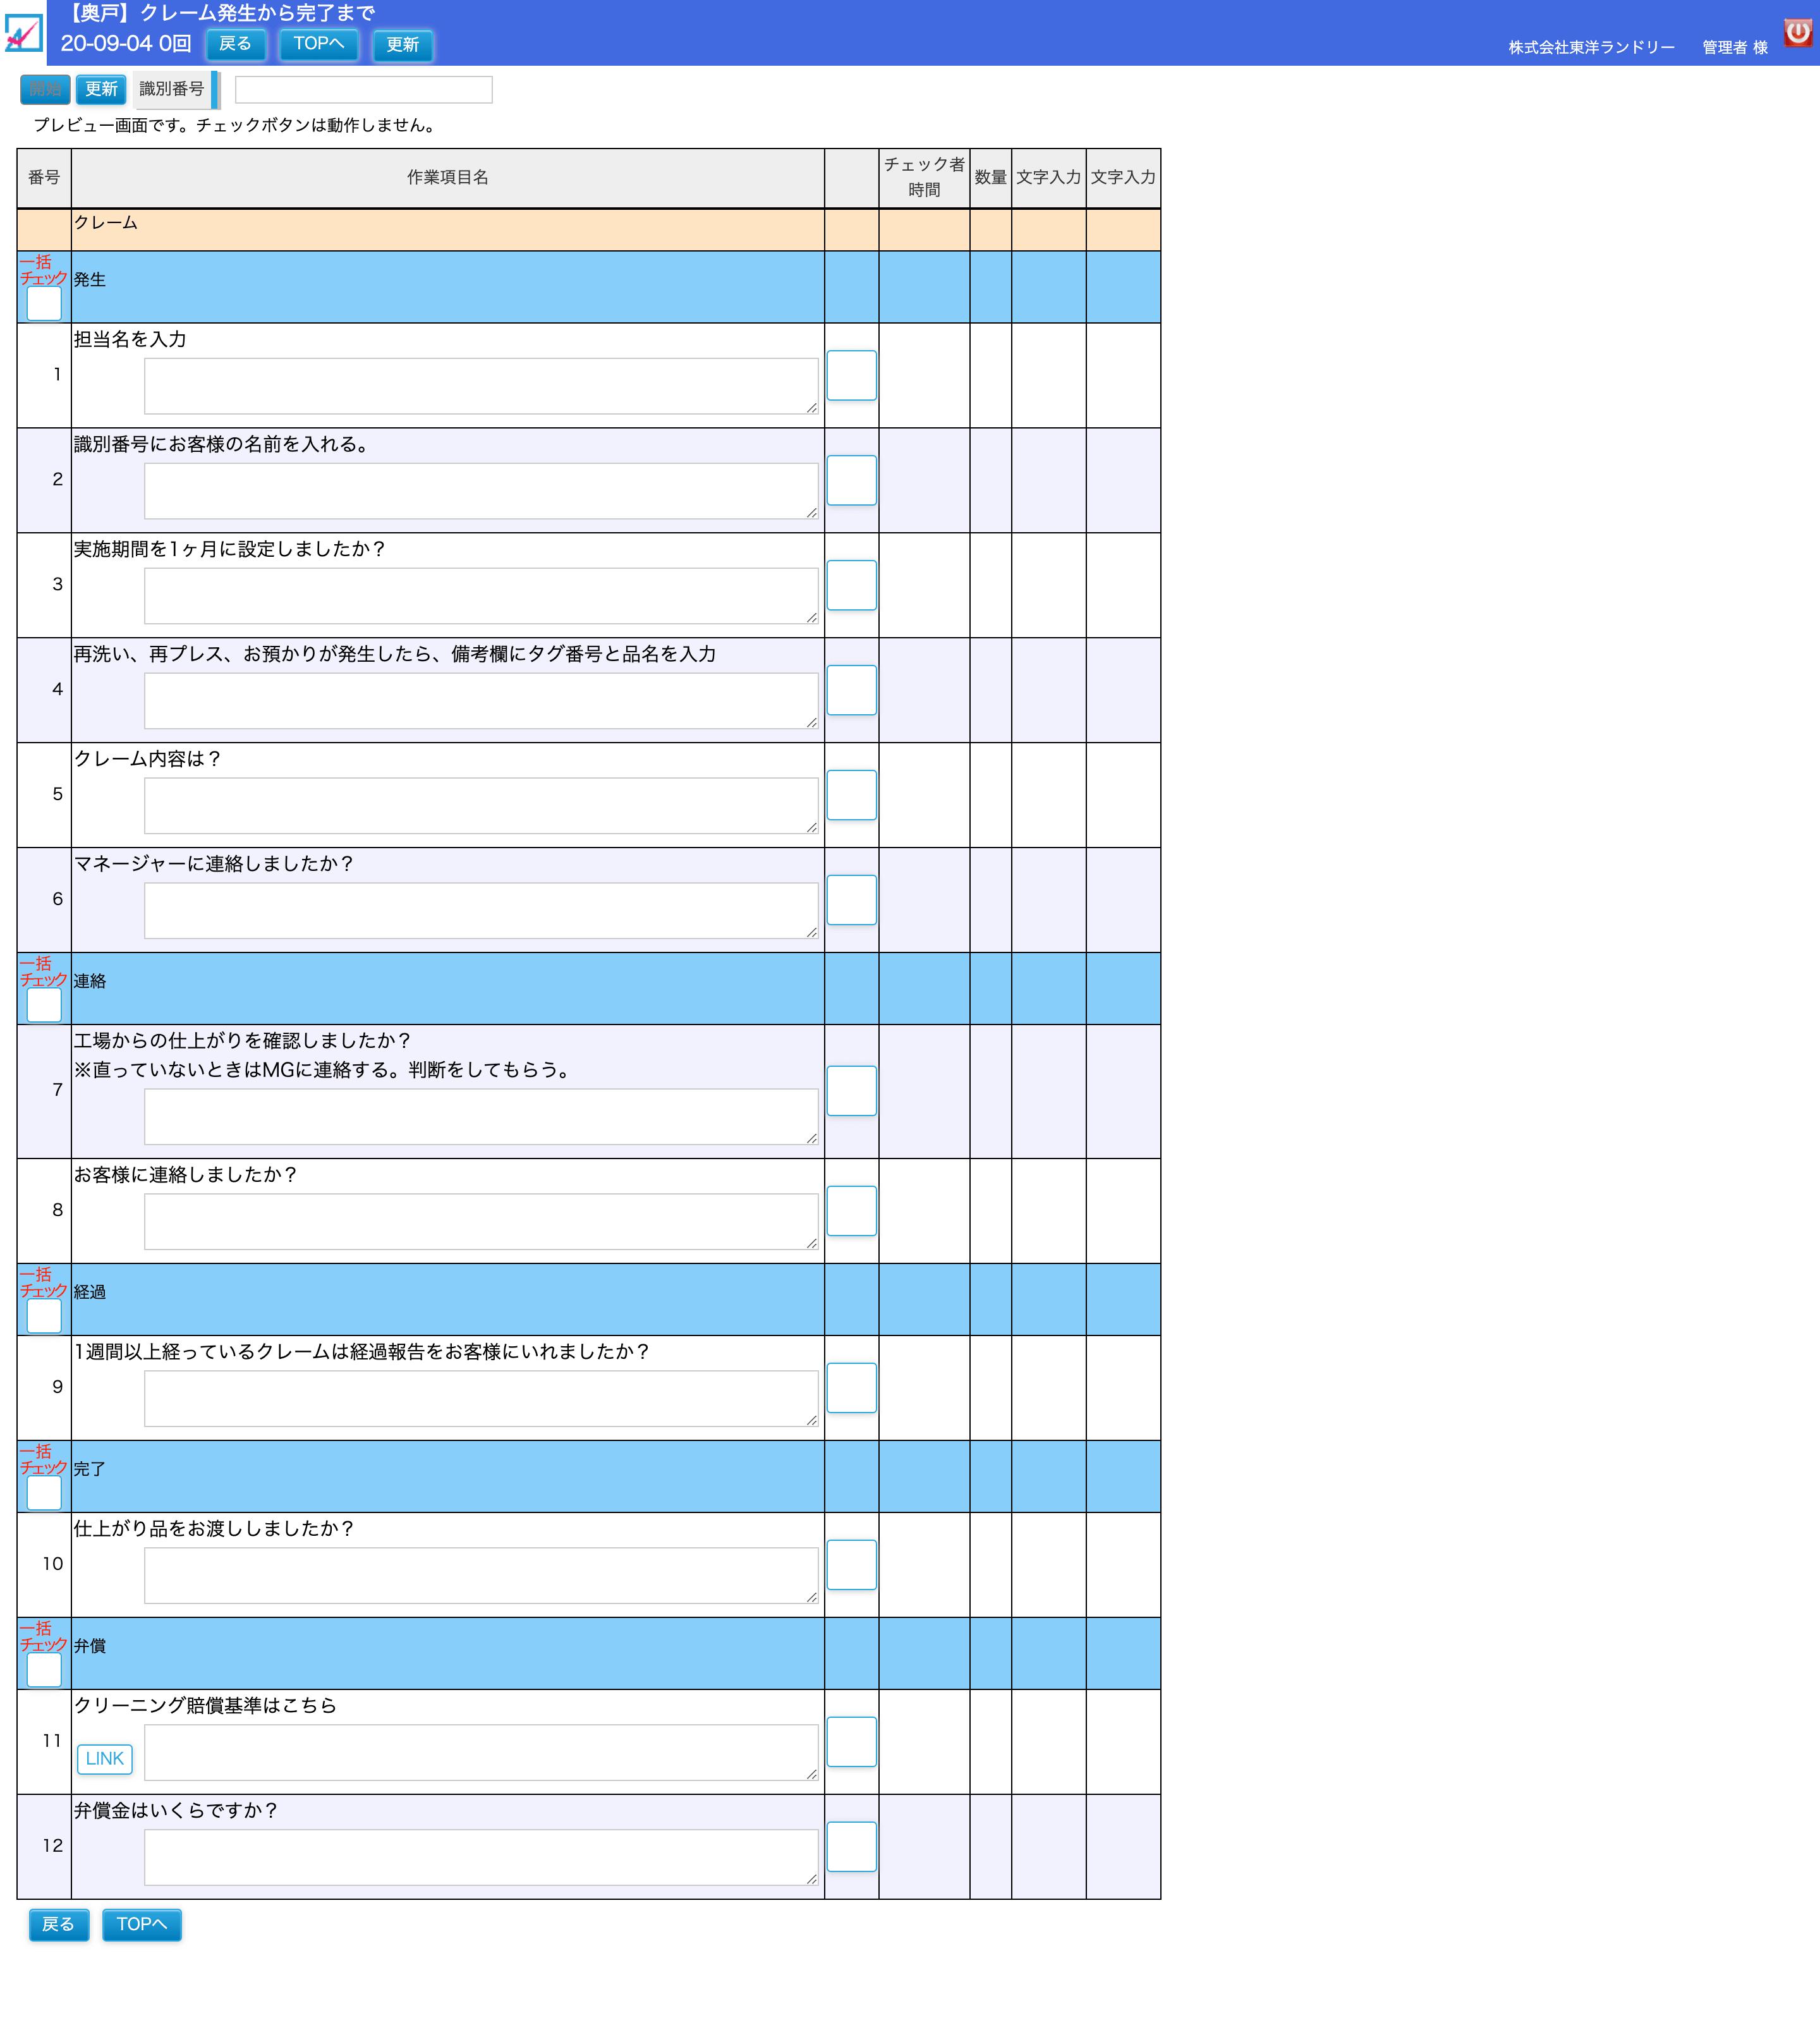 クレーム対応リスト